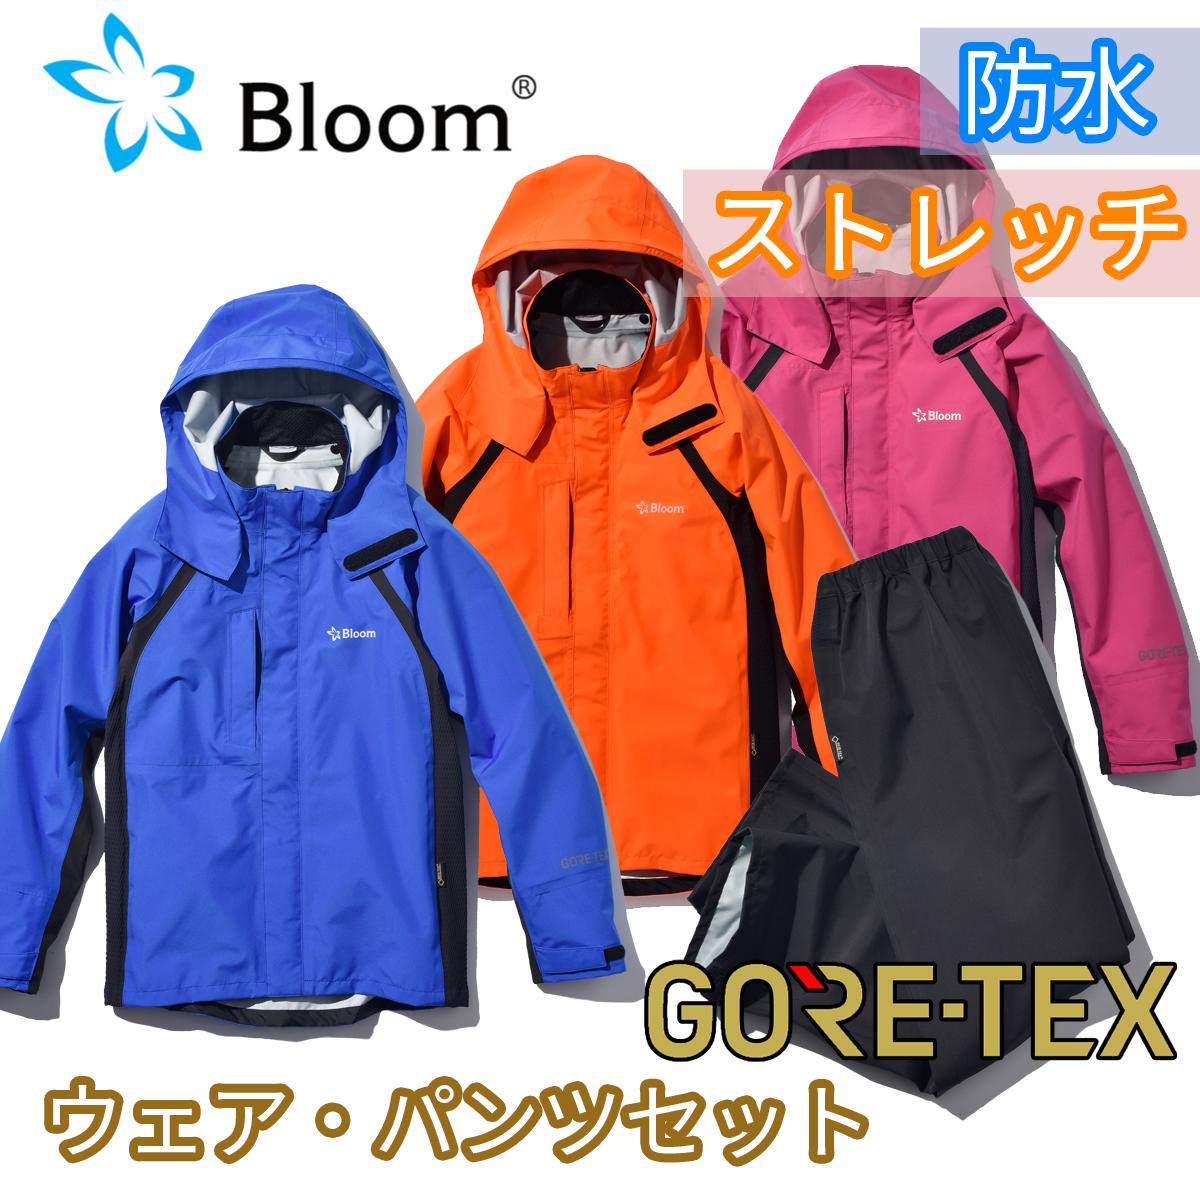 bloom ジャケット